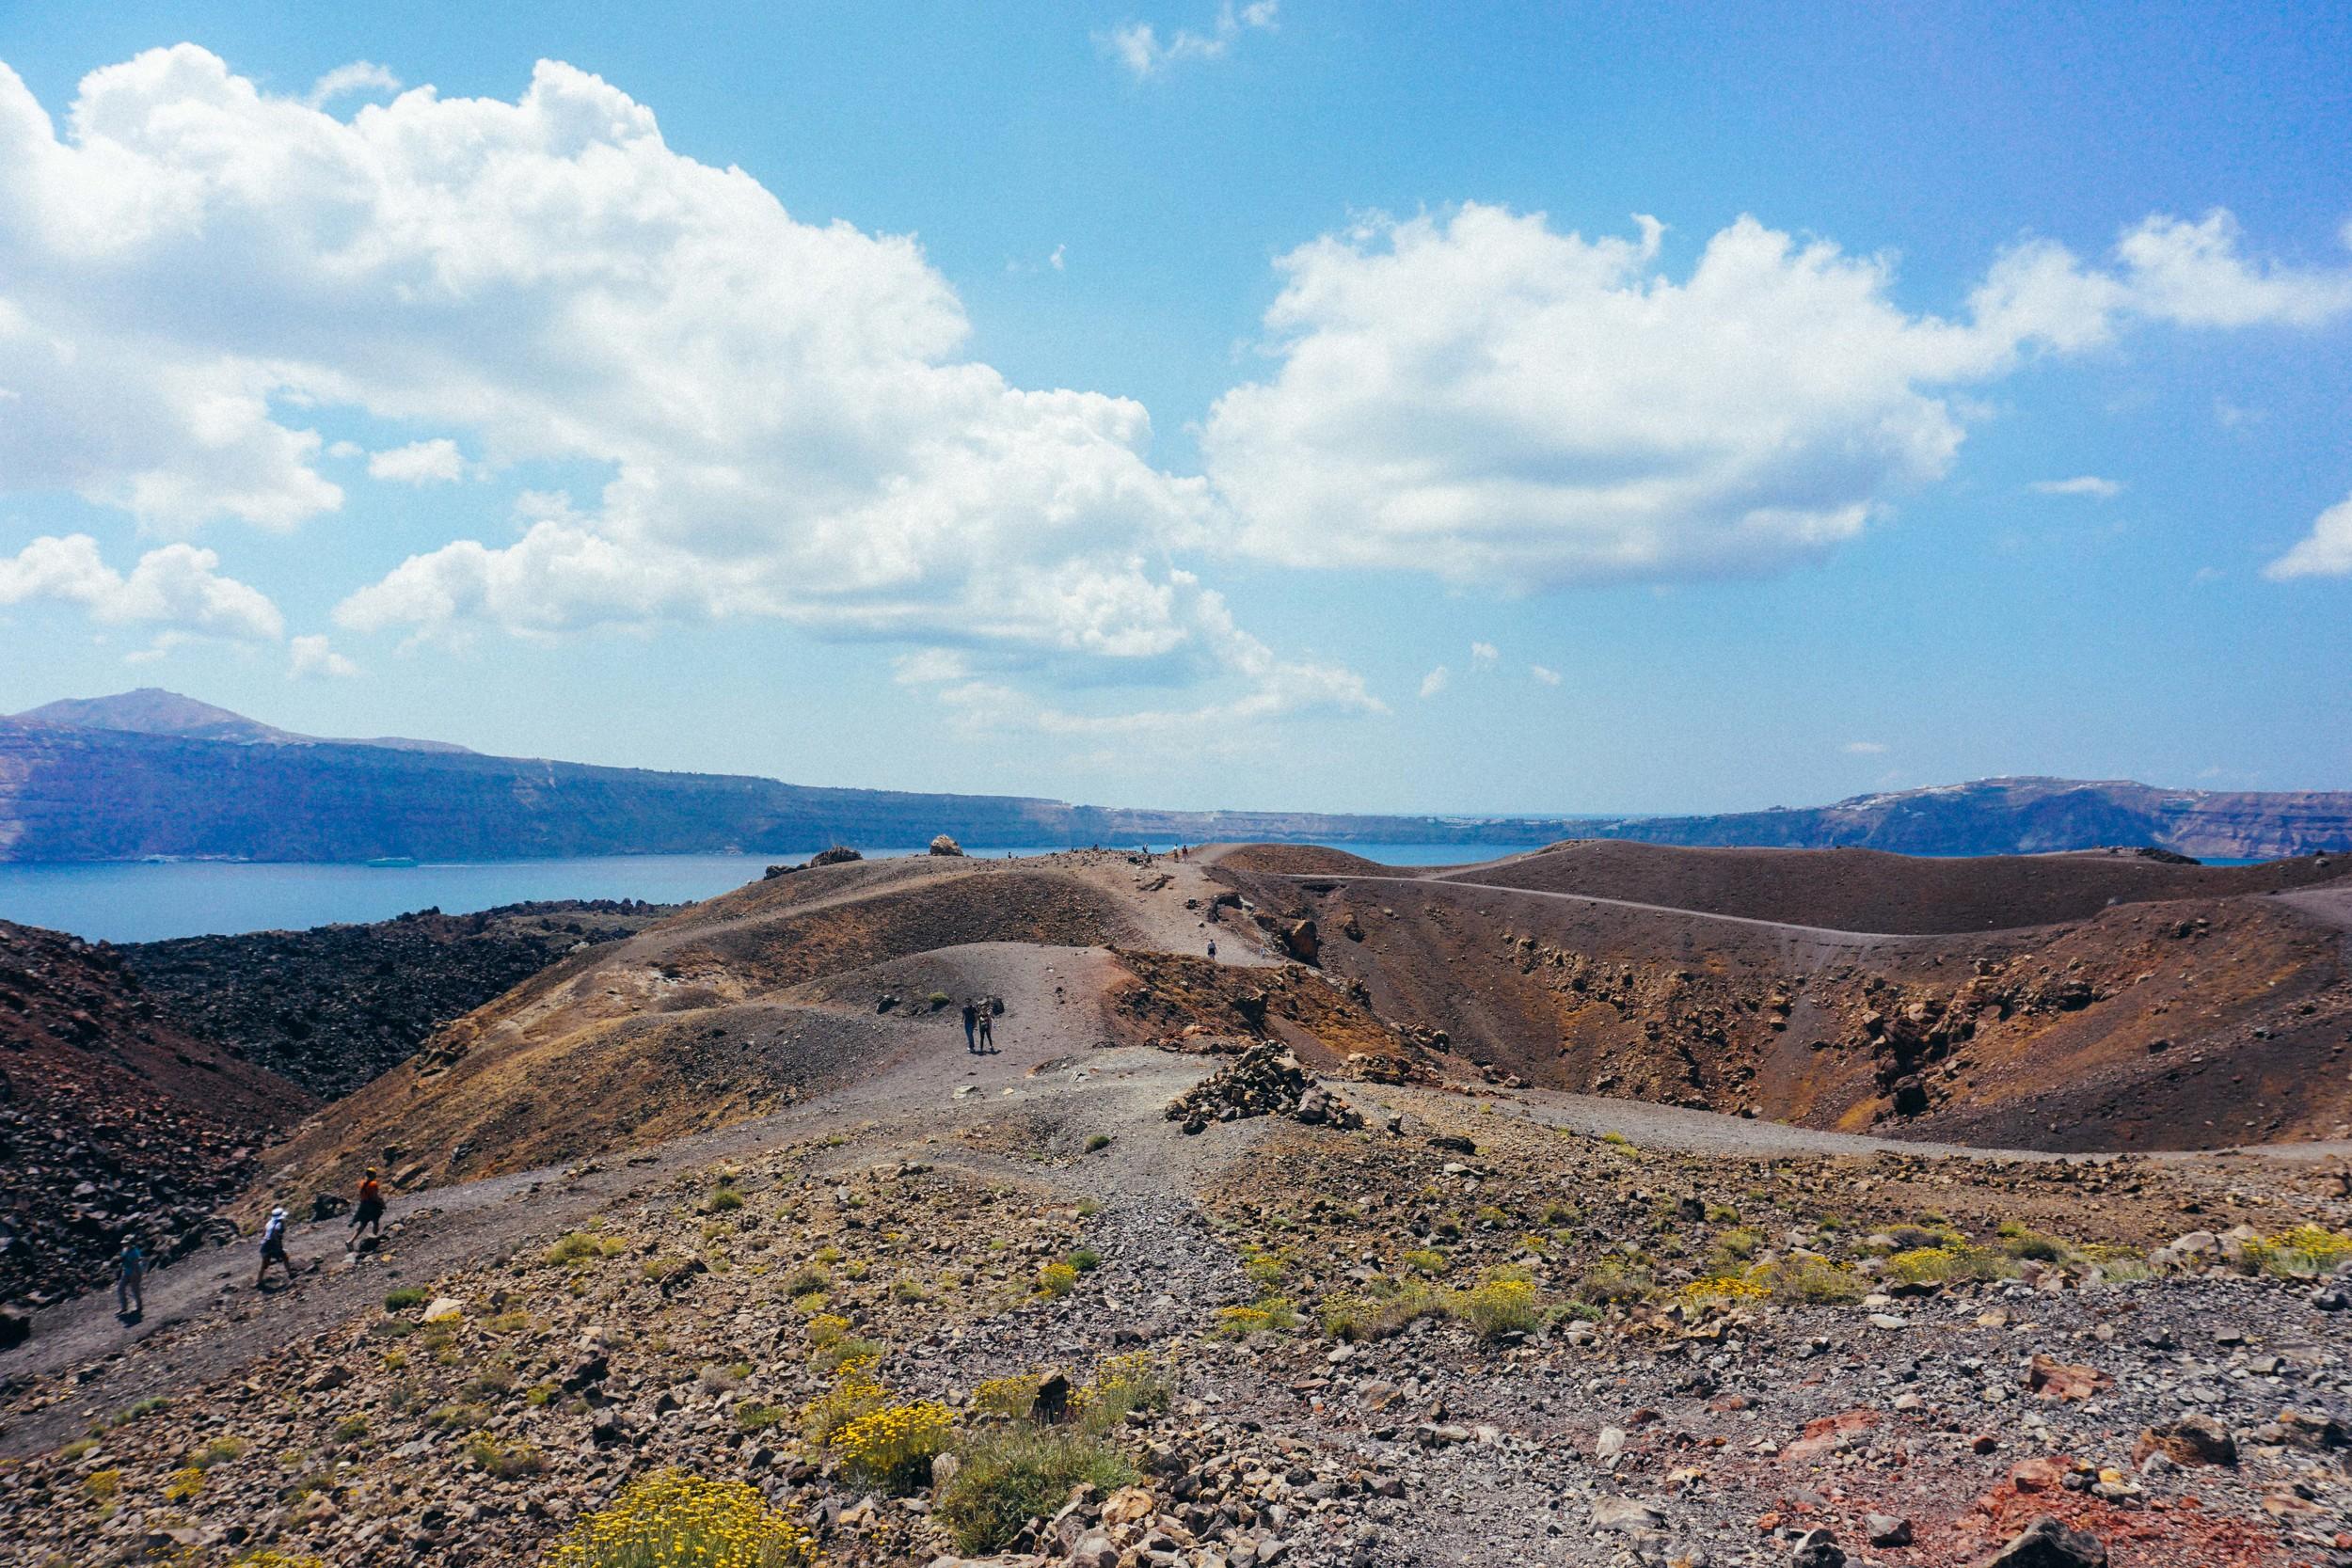 Greece, Santorini, Nea Kameni and Palia Kameni. Volcano island.